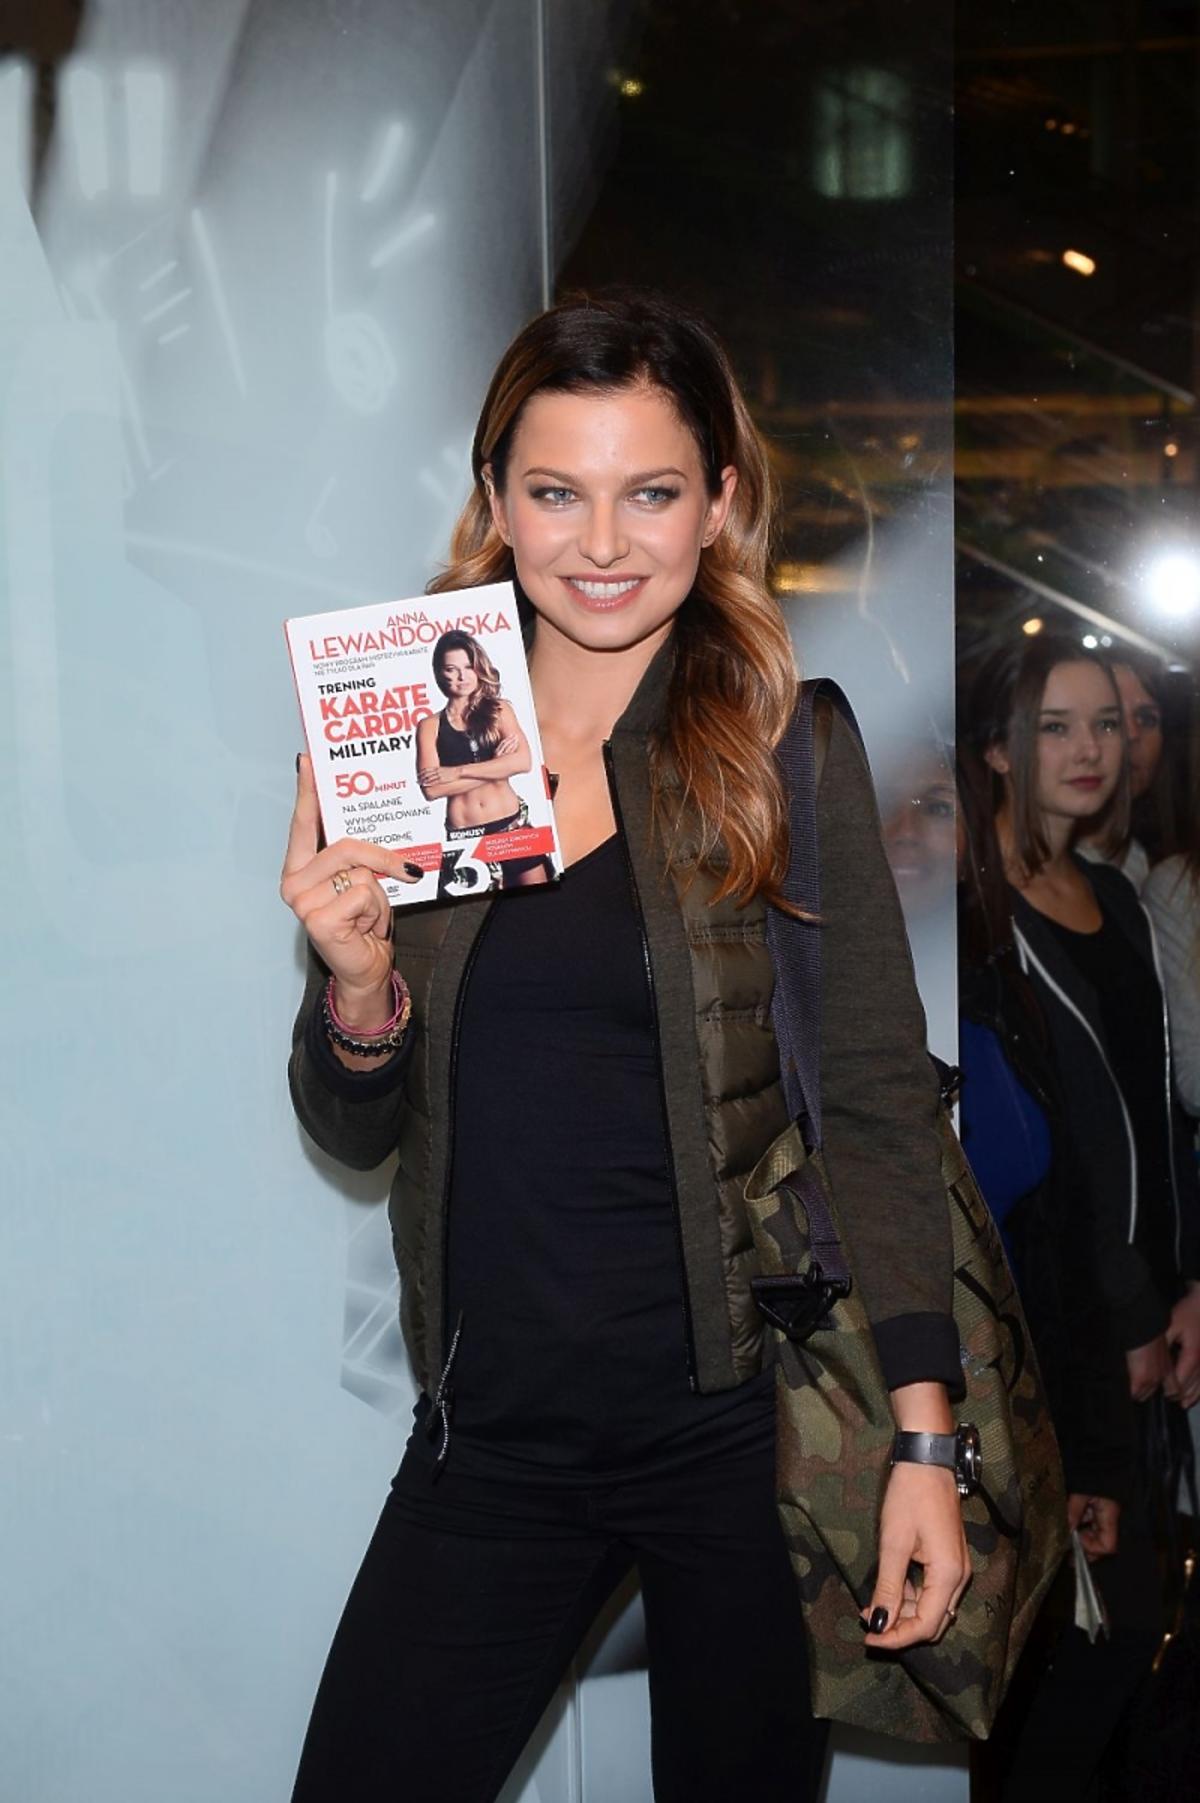 Anna Lewandowska z książką